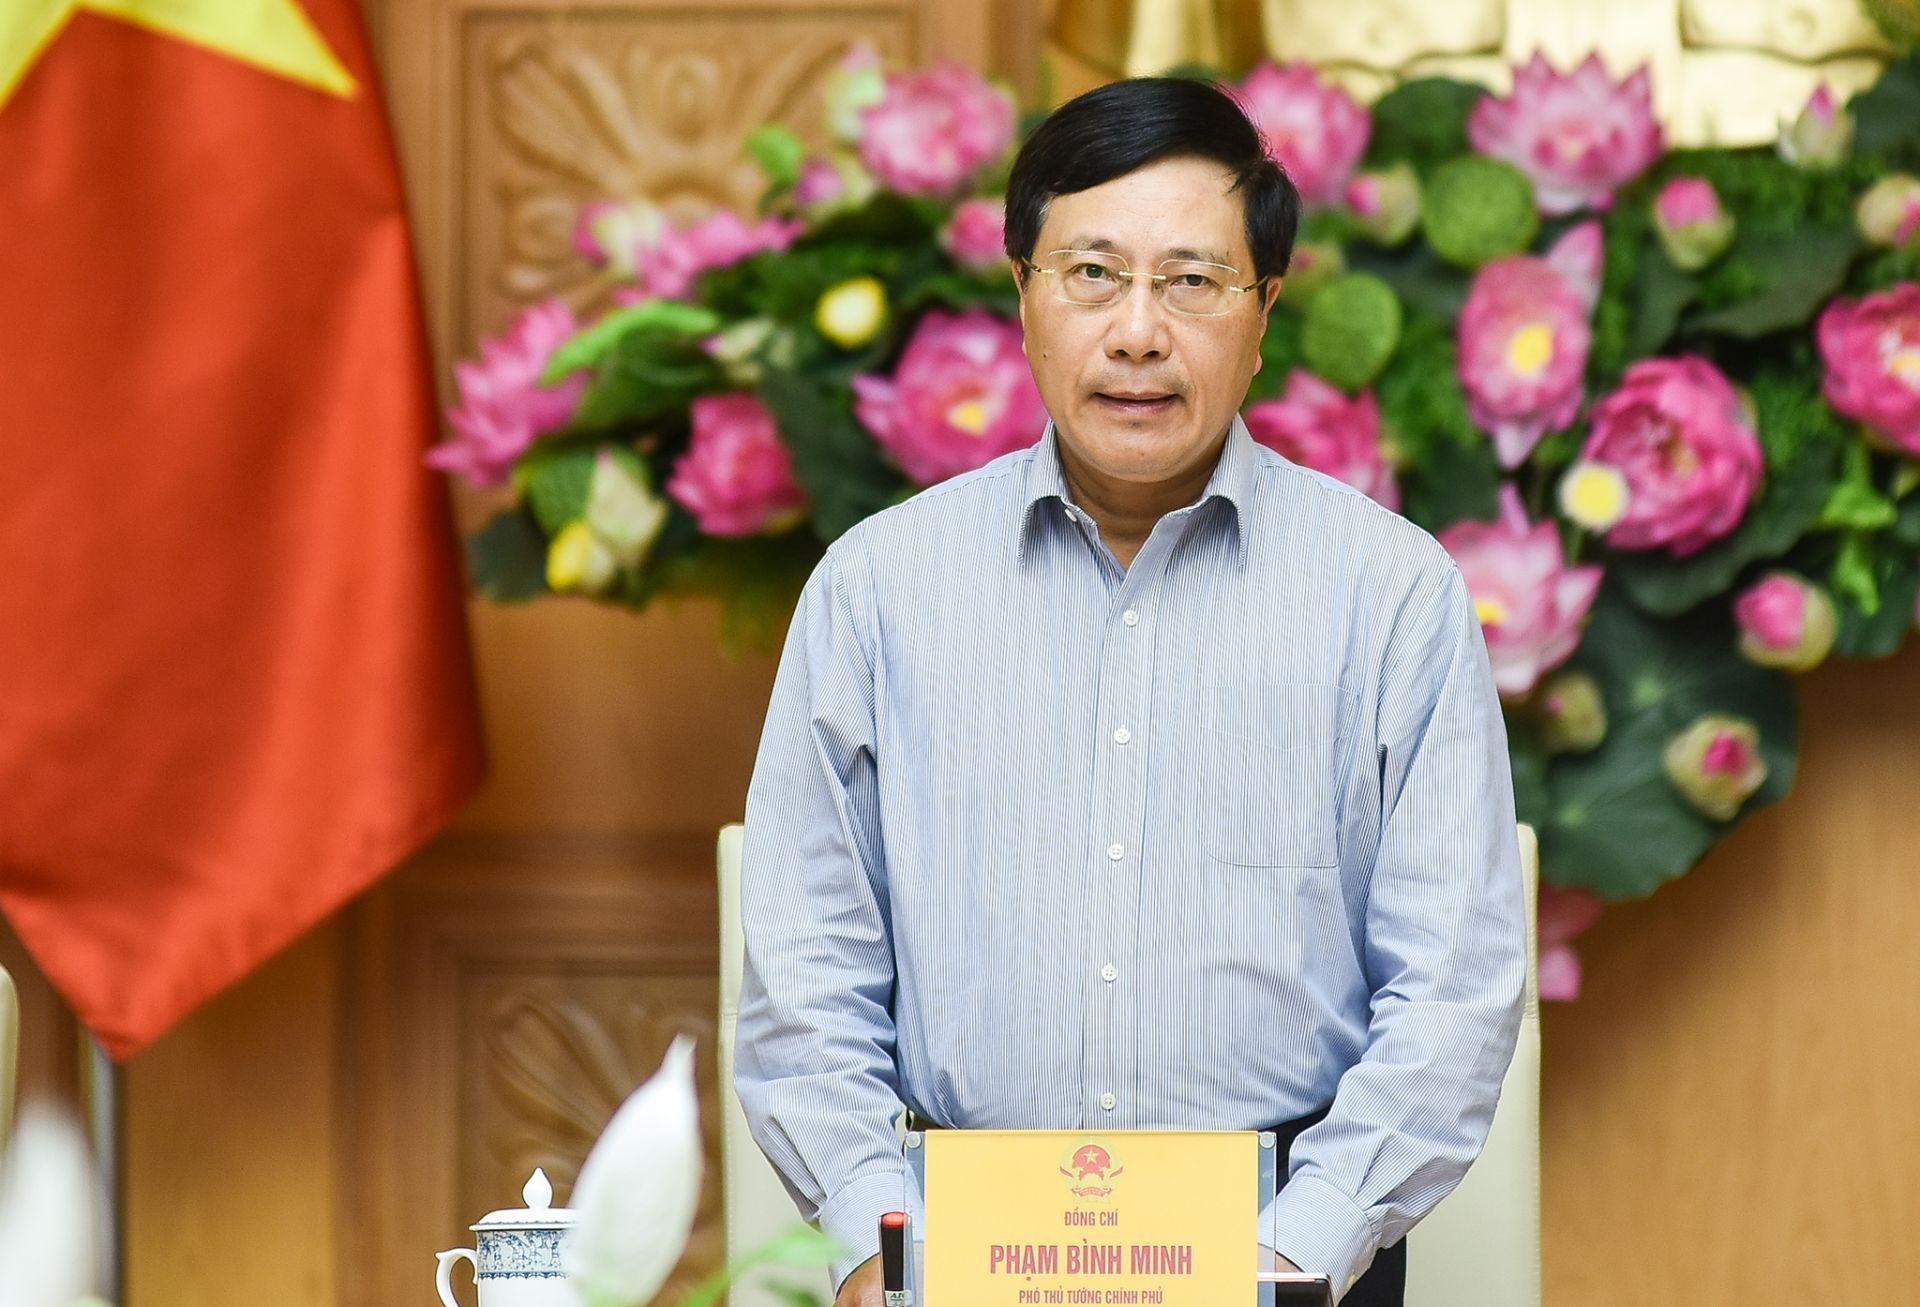 Chuẩn bị sẵn sàng cho nhiệm kỳ Chủ tịch ASEAN 2020